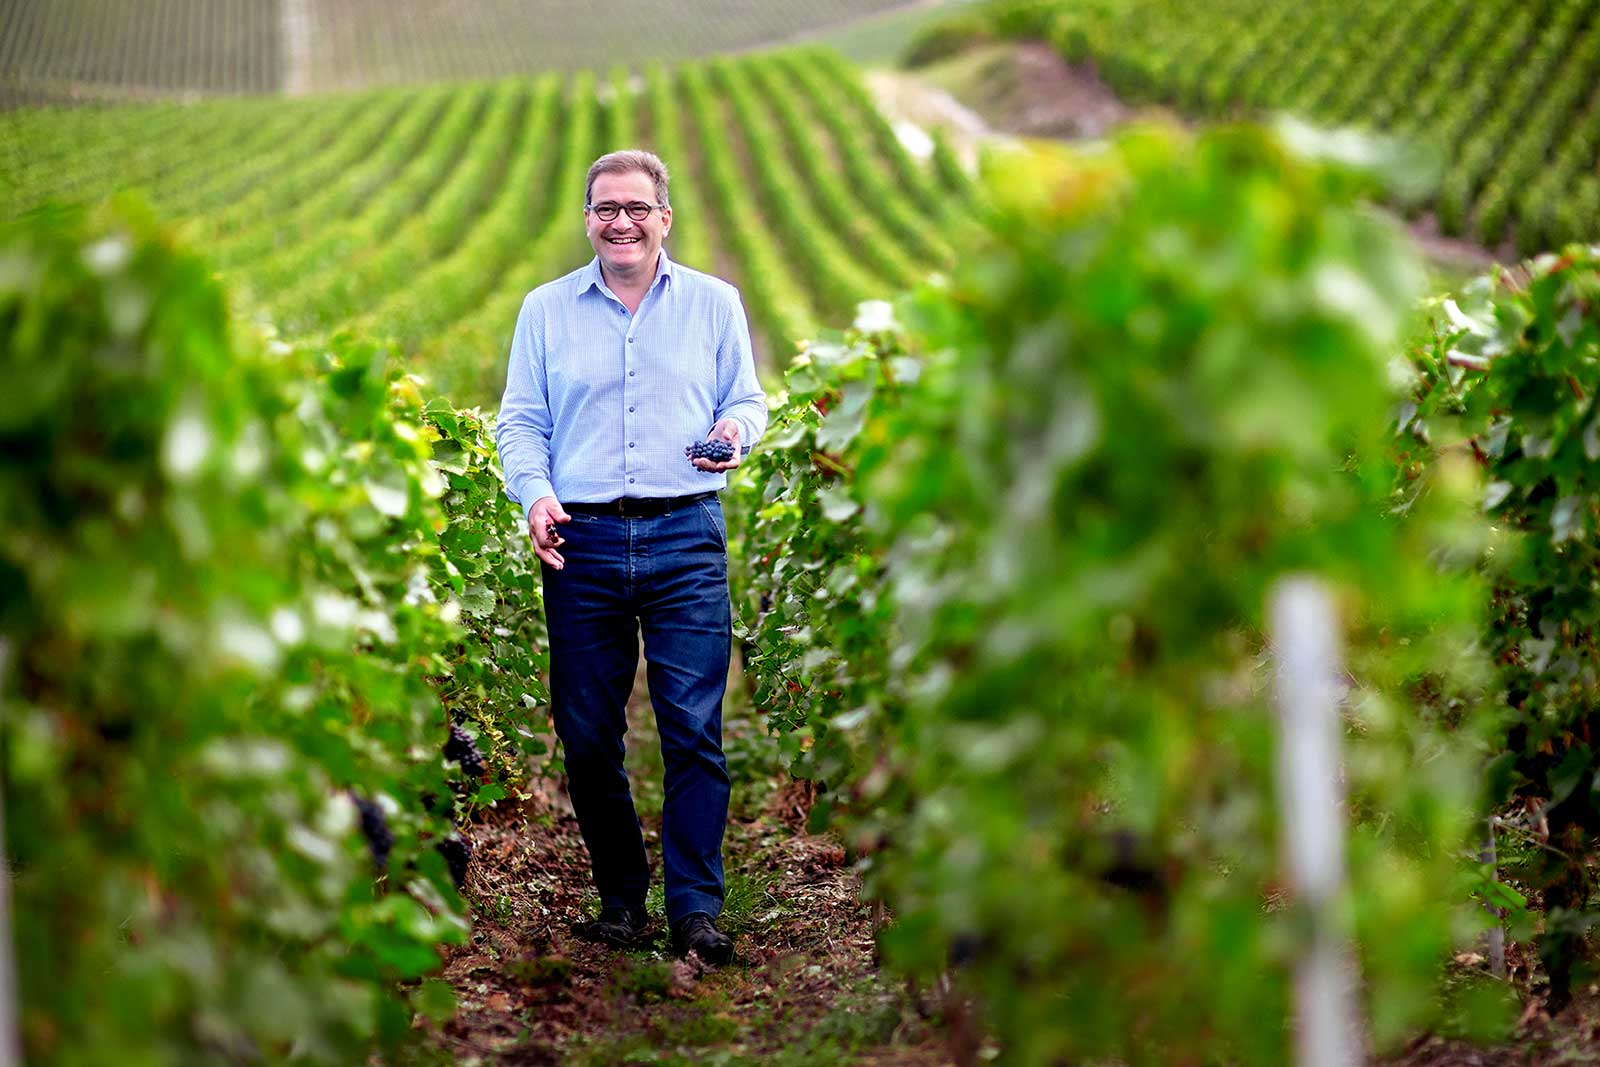 Winemaker Cyril Brun of Charles Heidsieck. ©Charles Heidsieck